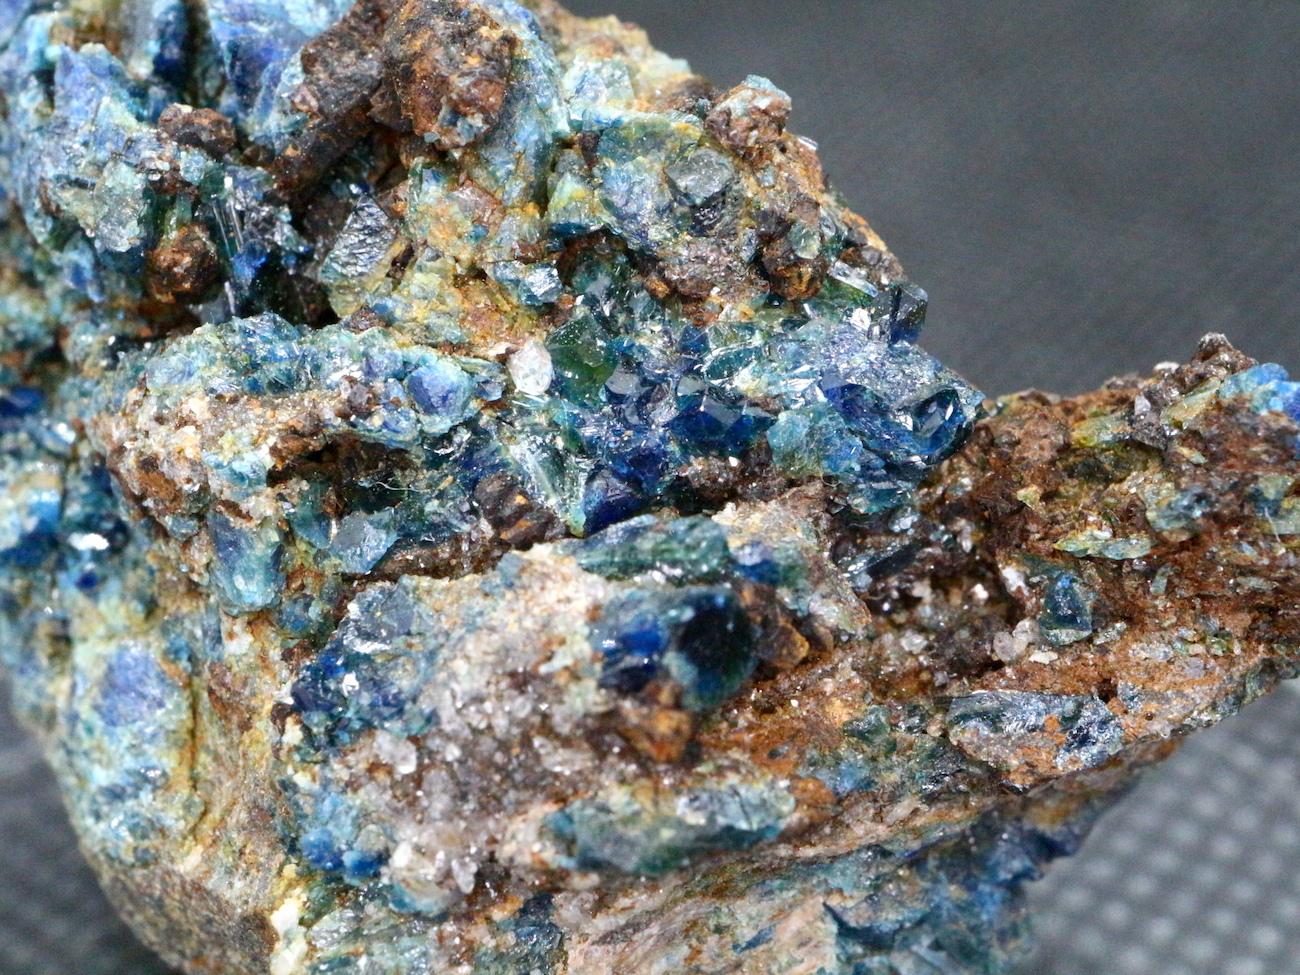 ラズライト天藍石 Lazulite カナダ産 39,8g LZL001  鉱物 天然石 パワーストーン 原石